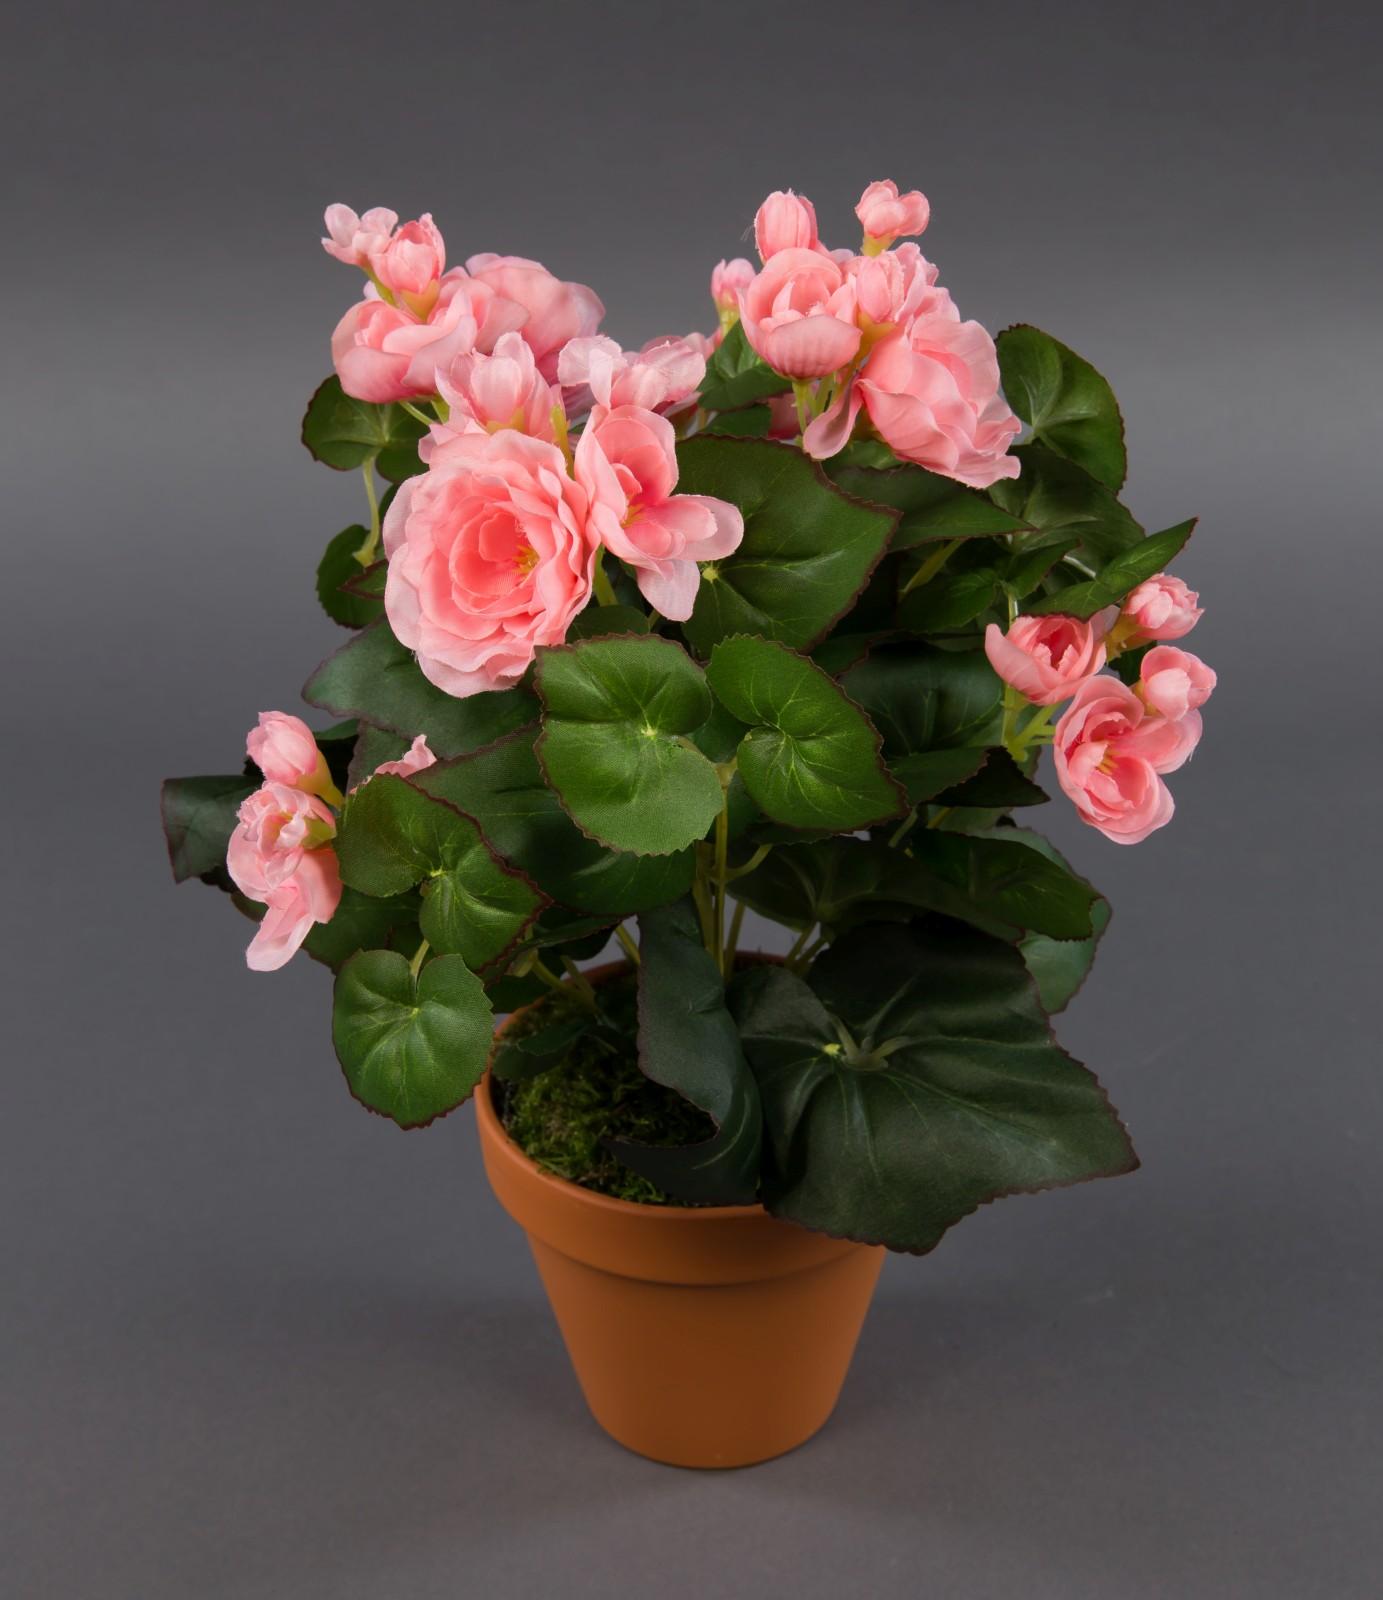 begonie 32cm rosa im topf lm kunstpflanzen k nstliche blumen kunstblumen ebay. Black Bedroom Furniture Sets. Home Design Ideas